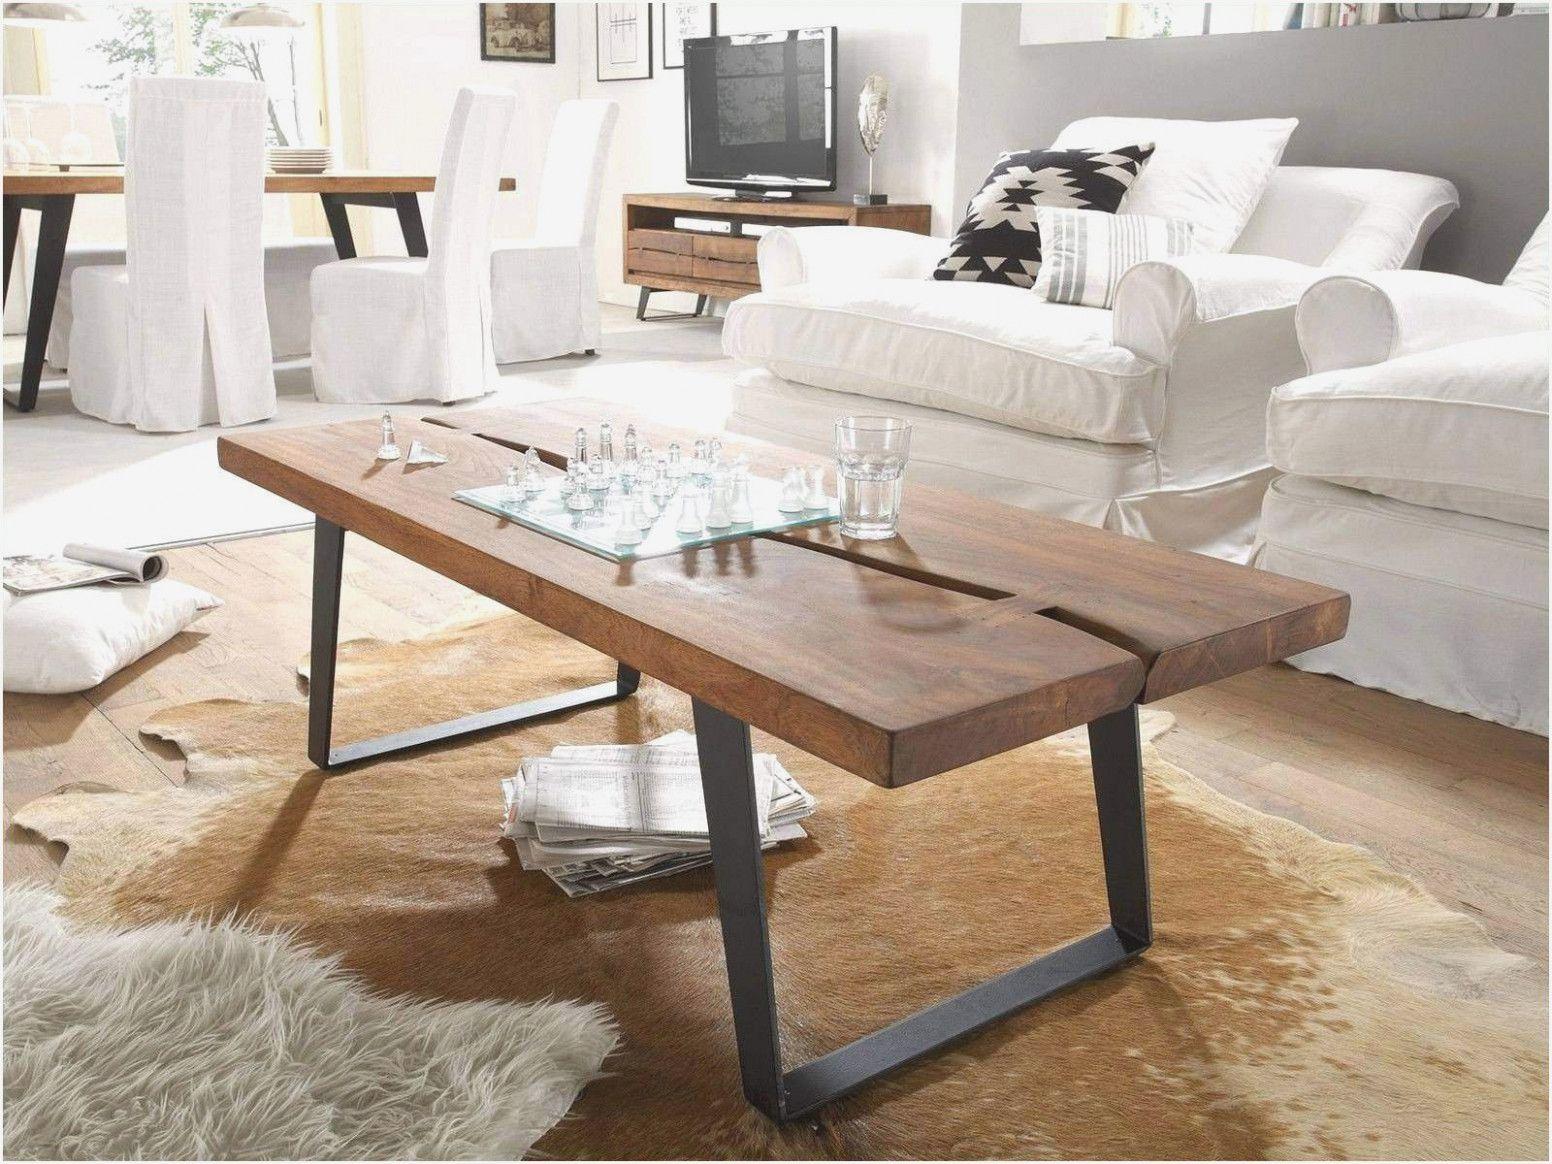 9 Deko Für Tisch Wohnzimmer  Tische wohnzimmer, Wohnzimmertisch